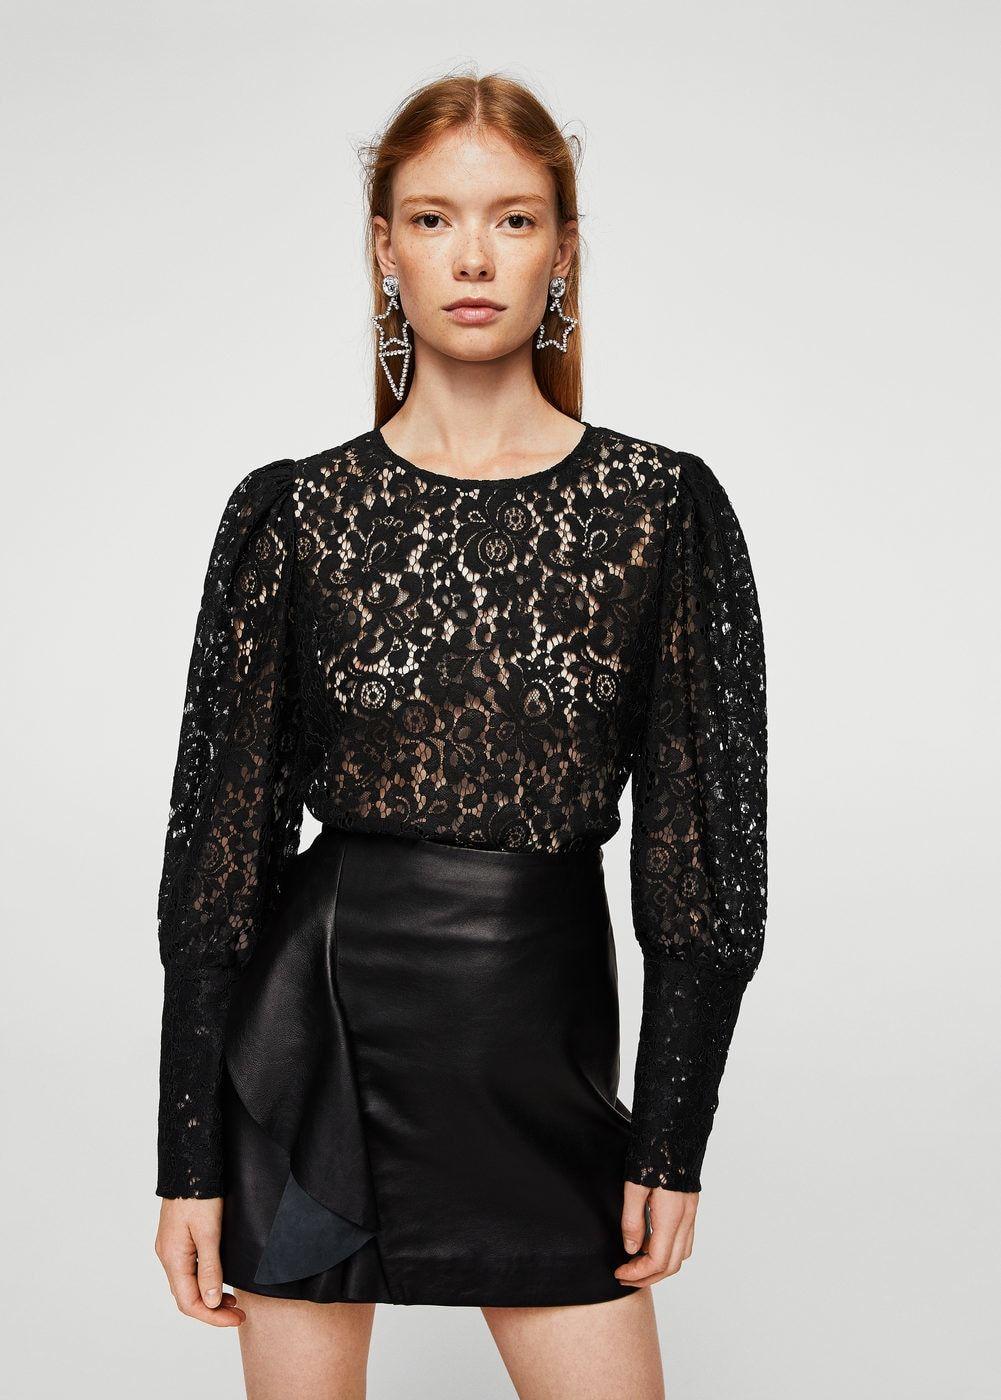 Blusa encaje - Camisas de Mujer  65769eaf611